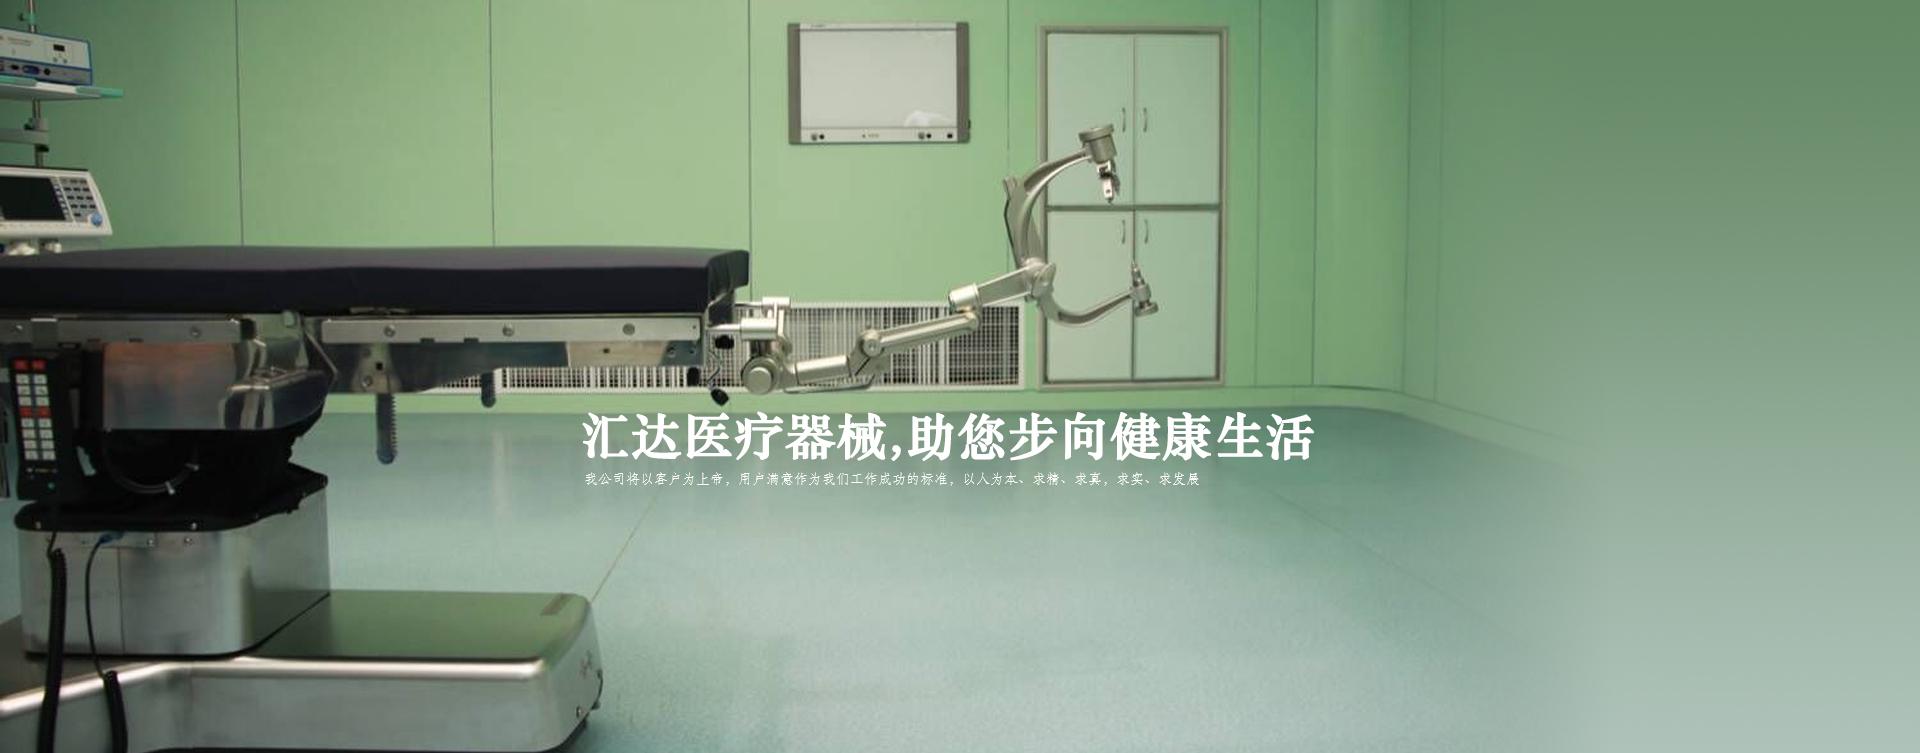 匯達醫療器械,助你步向健康生活